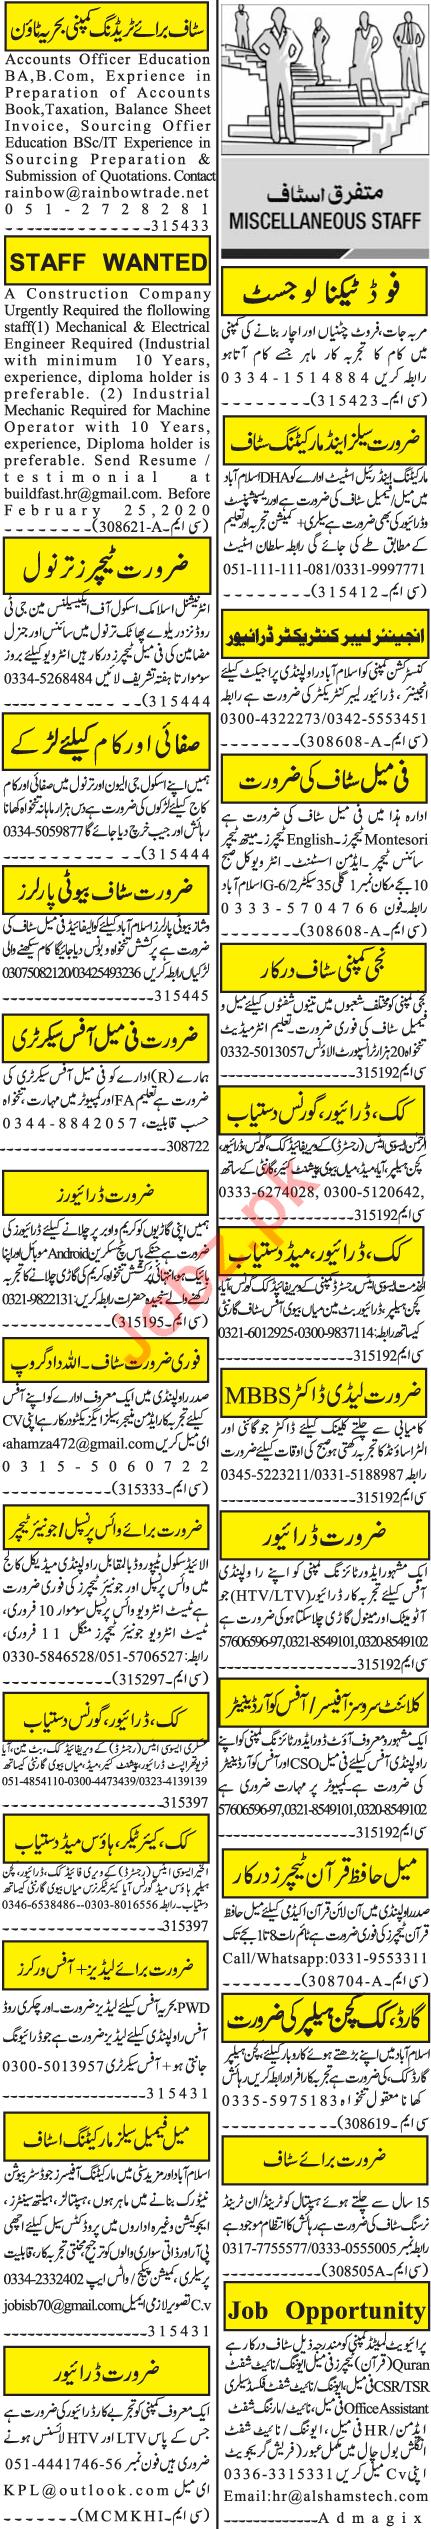 Jang Sunday Rawalpindi Classified Ads 9 Feb 2020